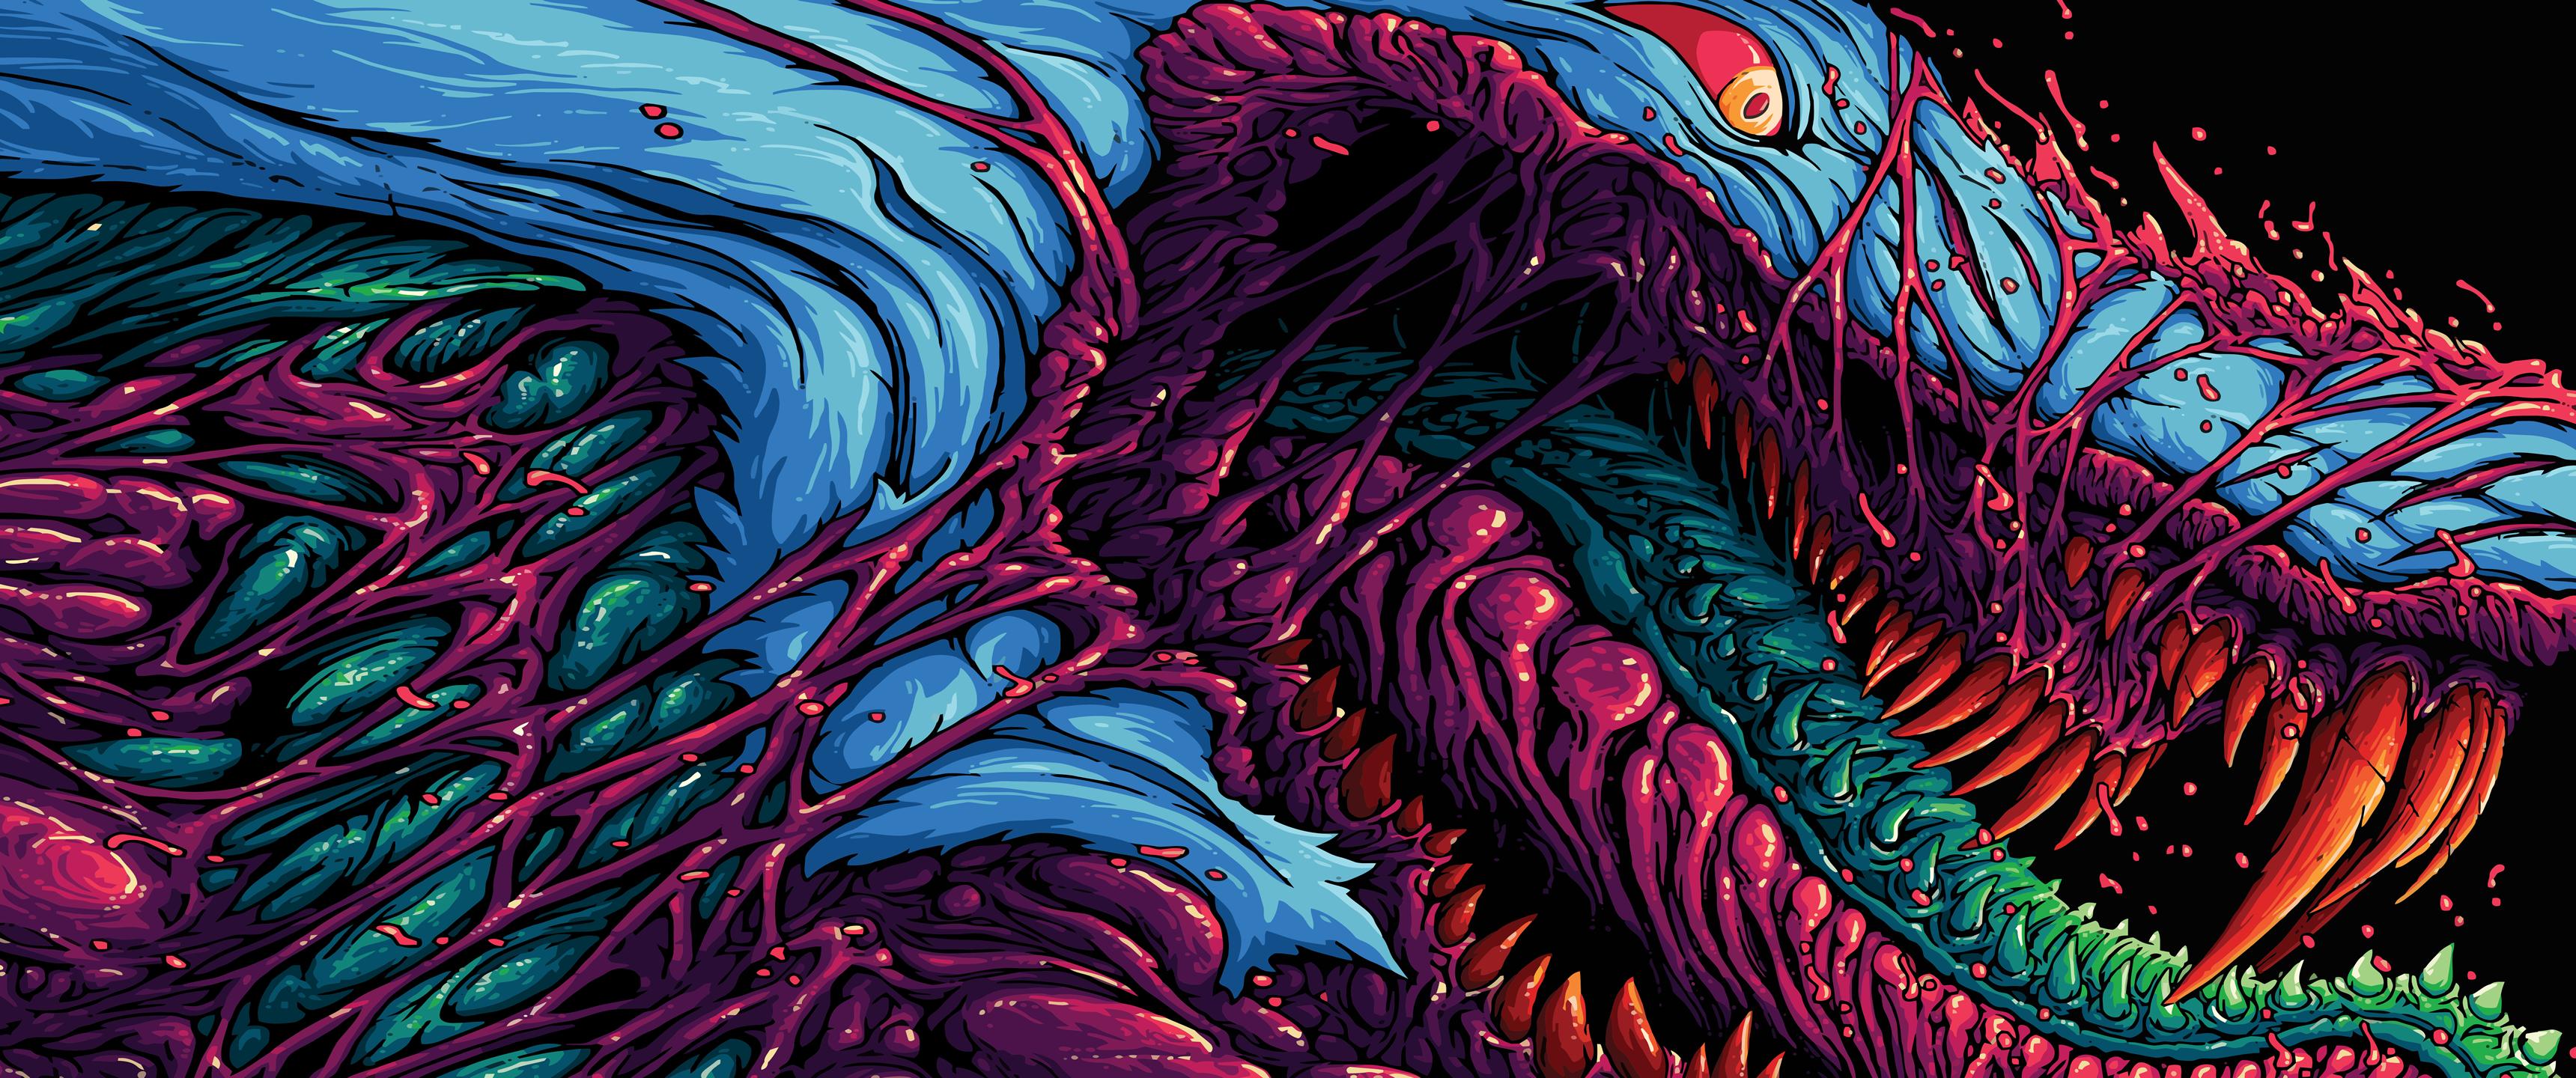 Hyper Beast by Brock Hofer [3440x1440] [png] WidescreenWallpaper 3440x1440